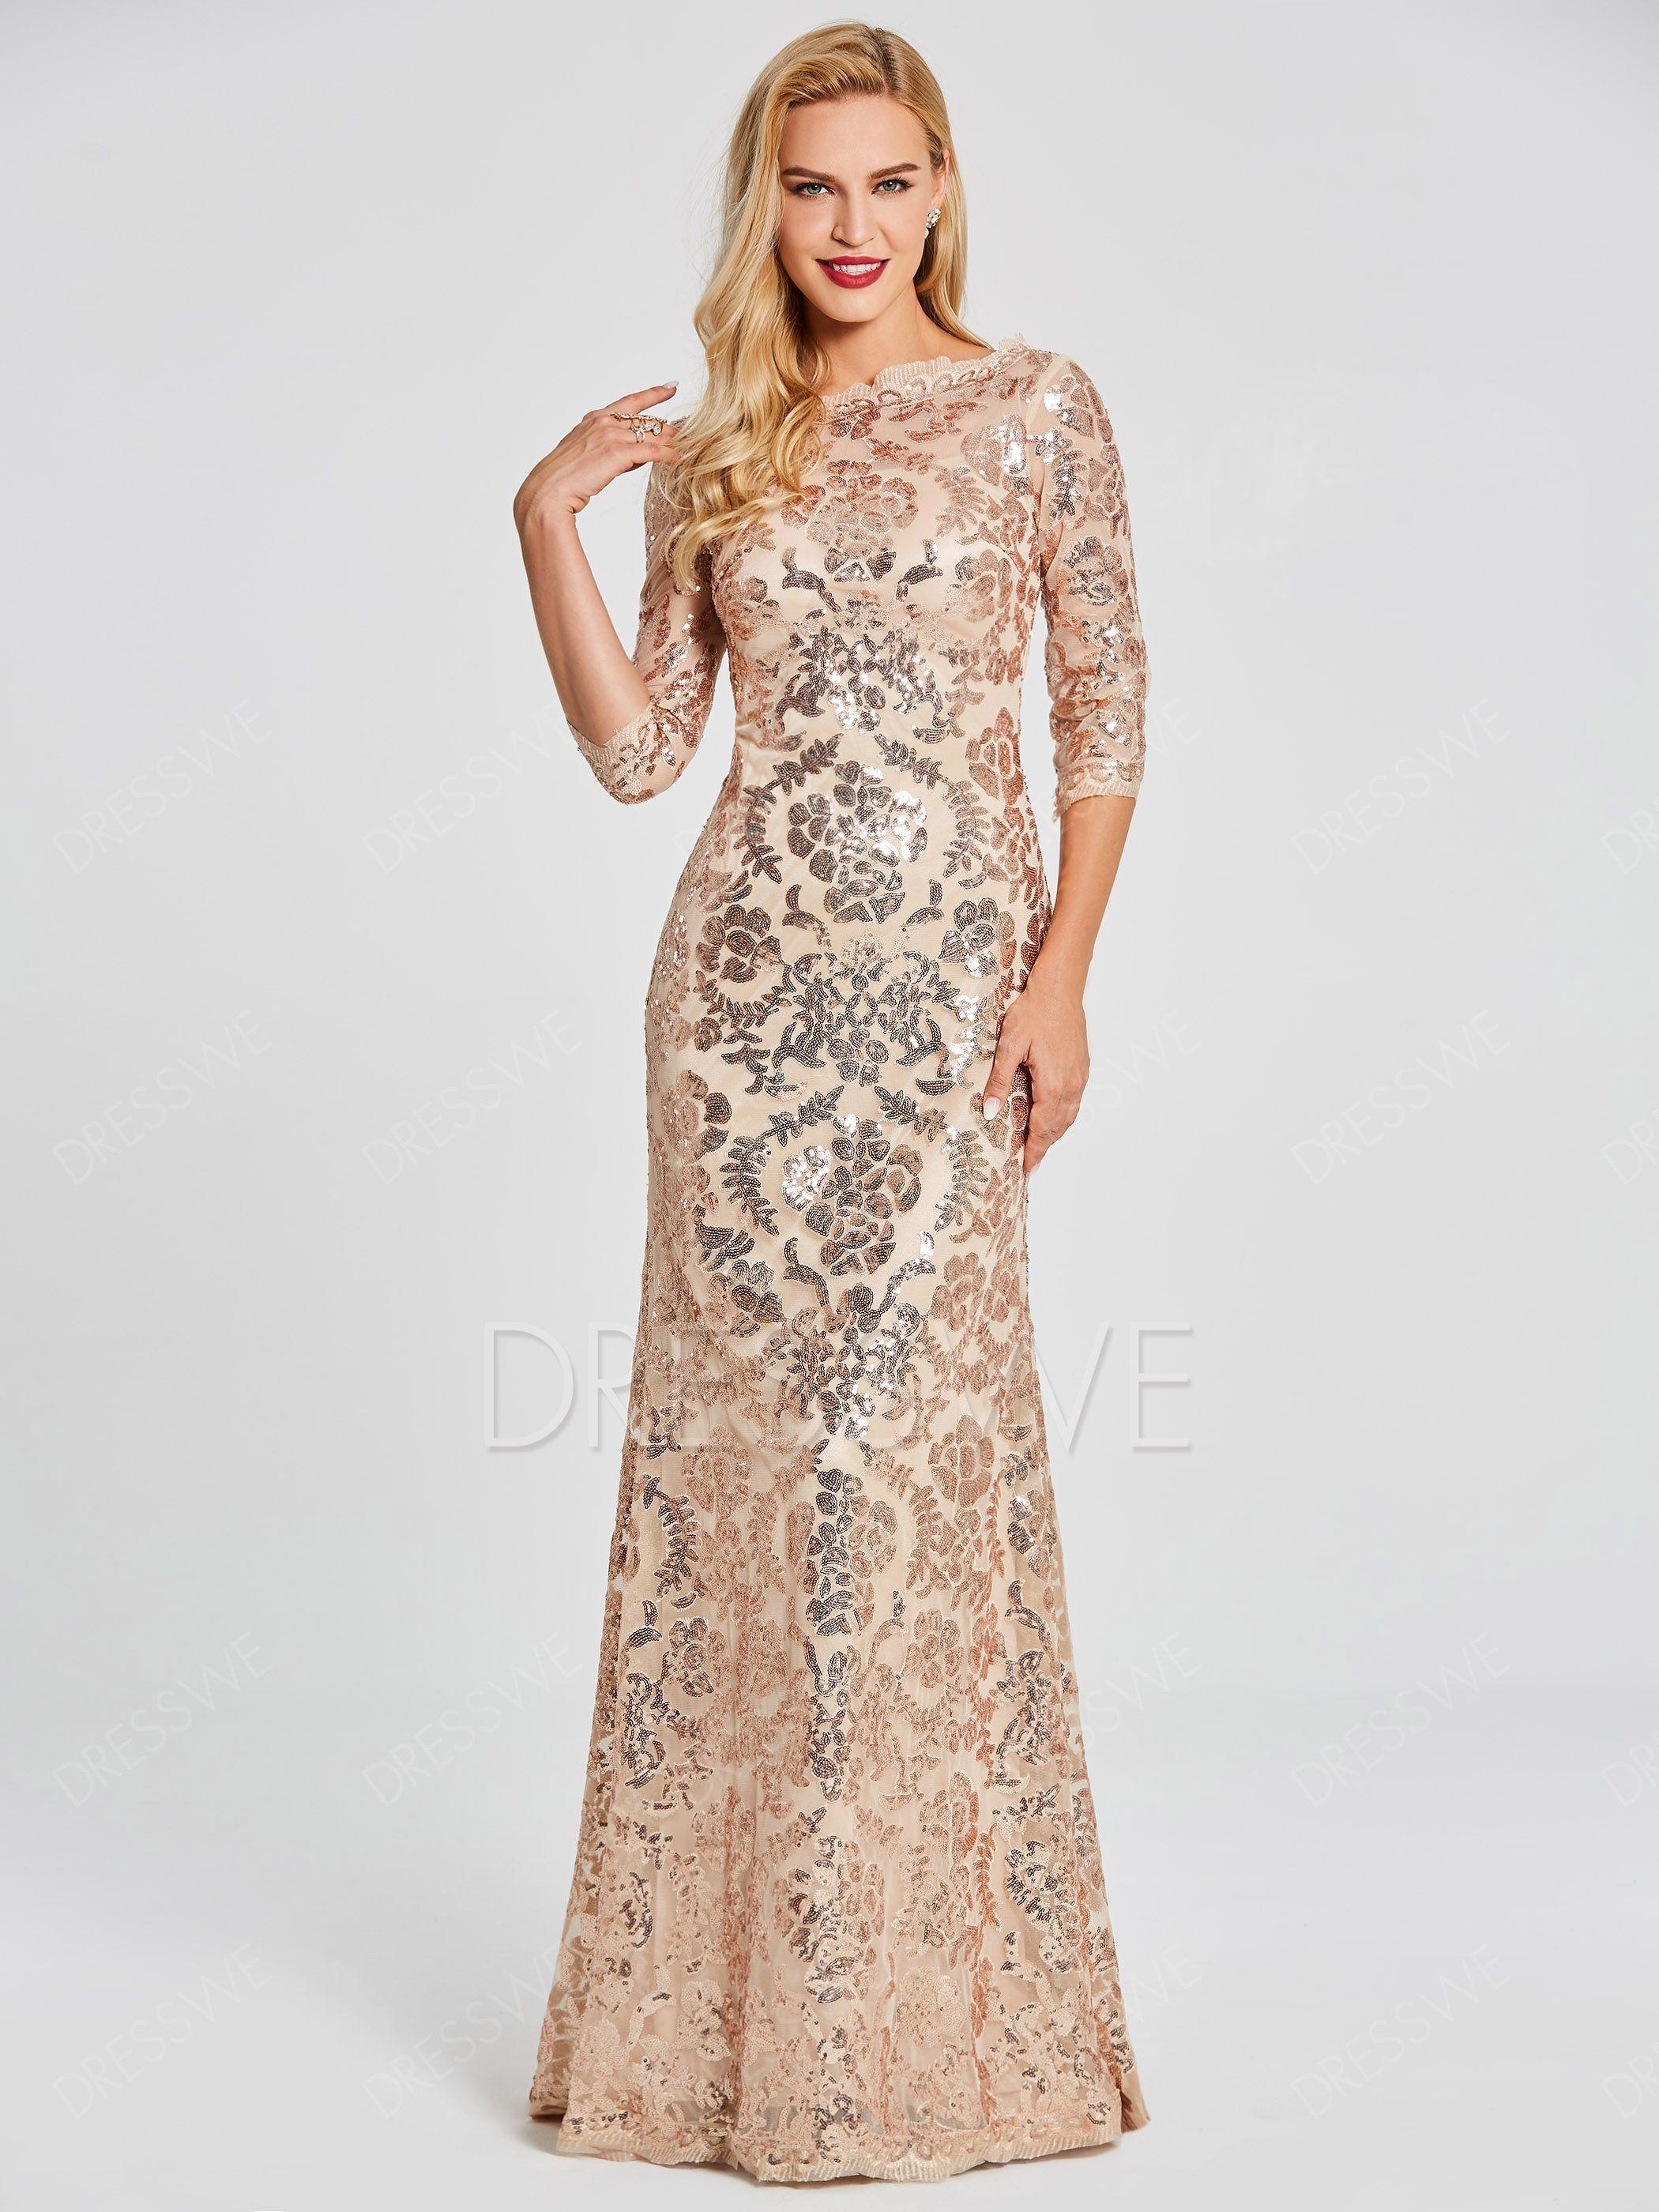 3 4 Sleeve Scoop Neck Sequin Mermaid Evening Dress Material Sequins Evening Dresses With Sleeves Evening Dress Floor Length Evening Dresses [ 2800 x 2100 Pixel ]